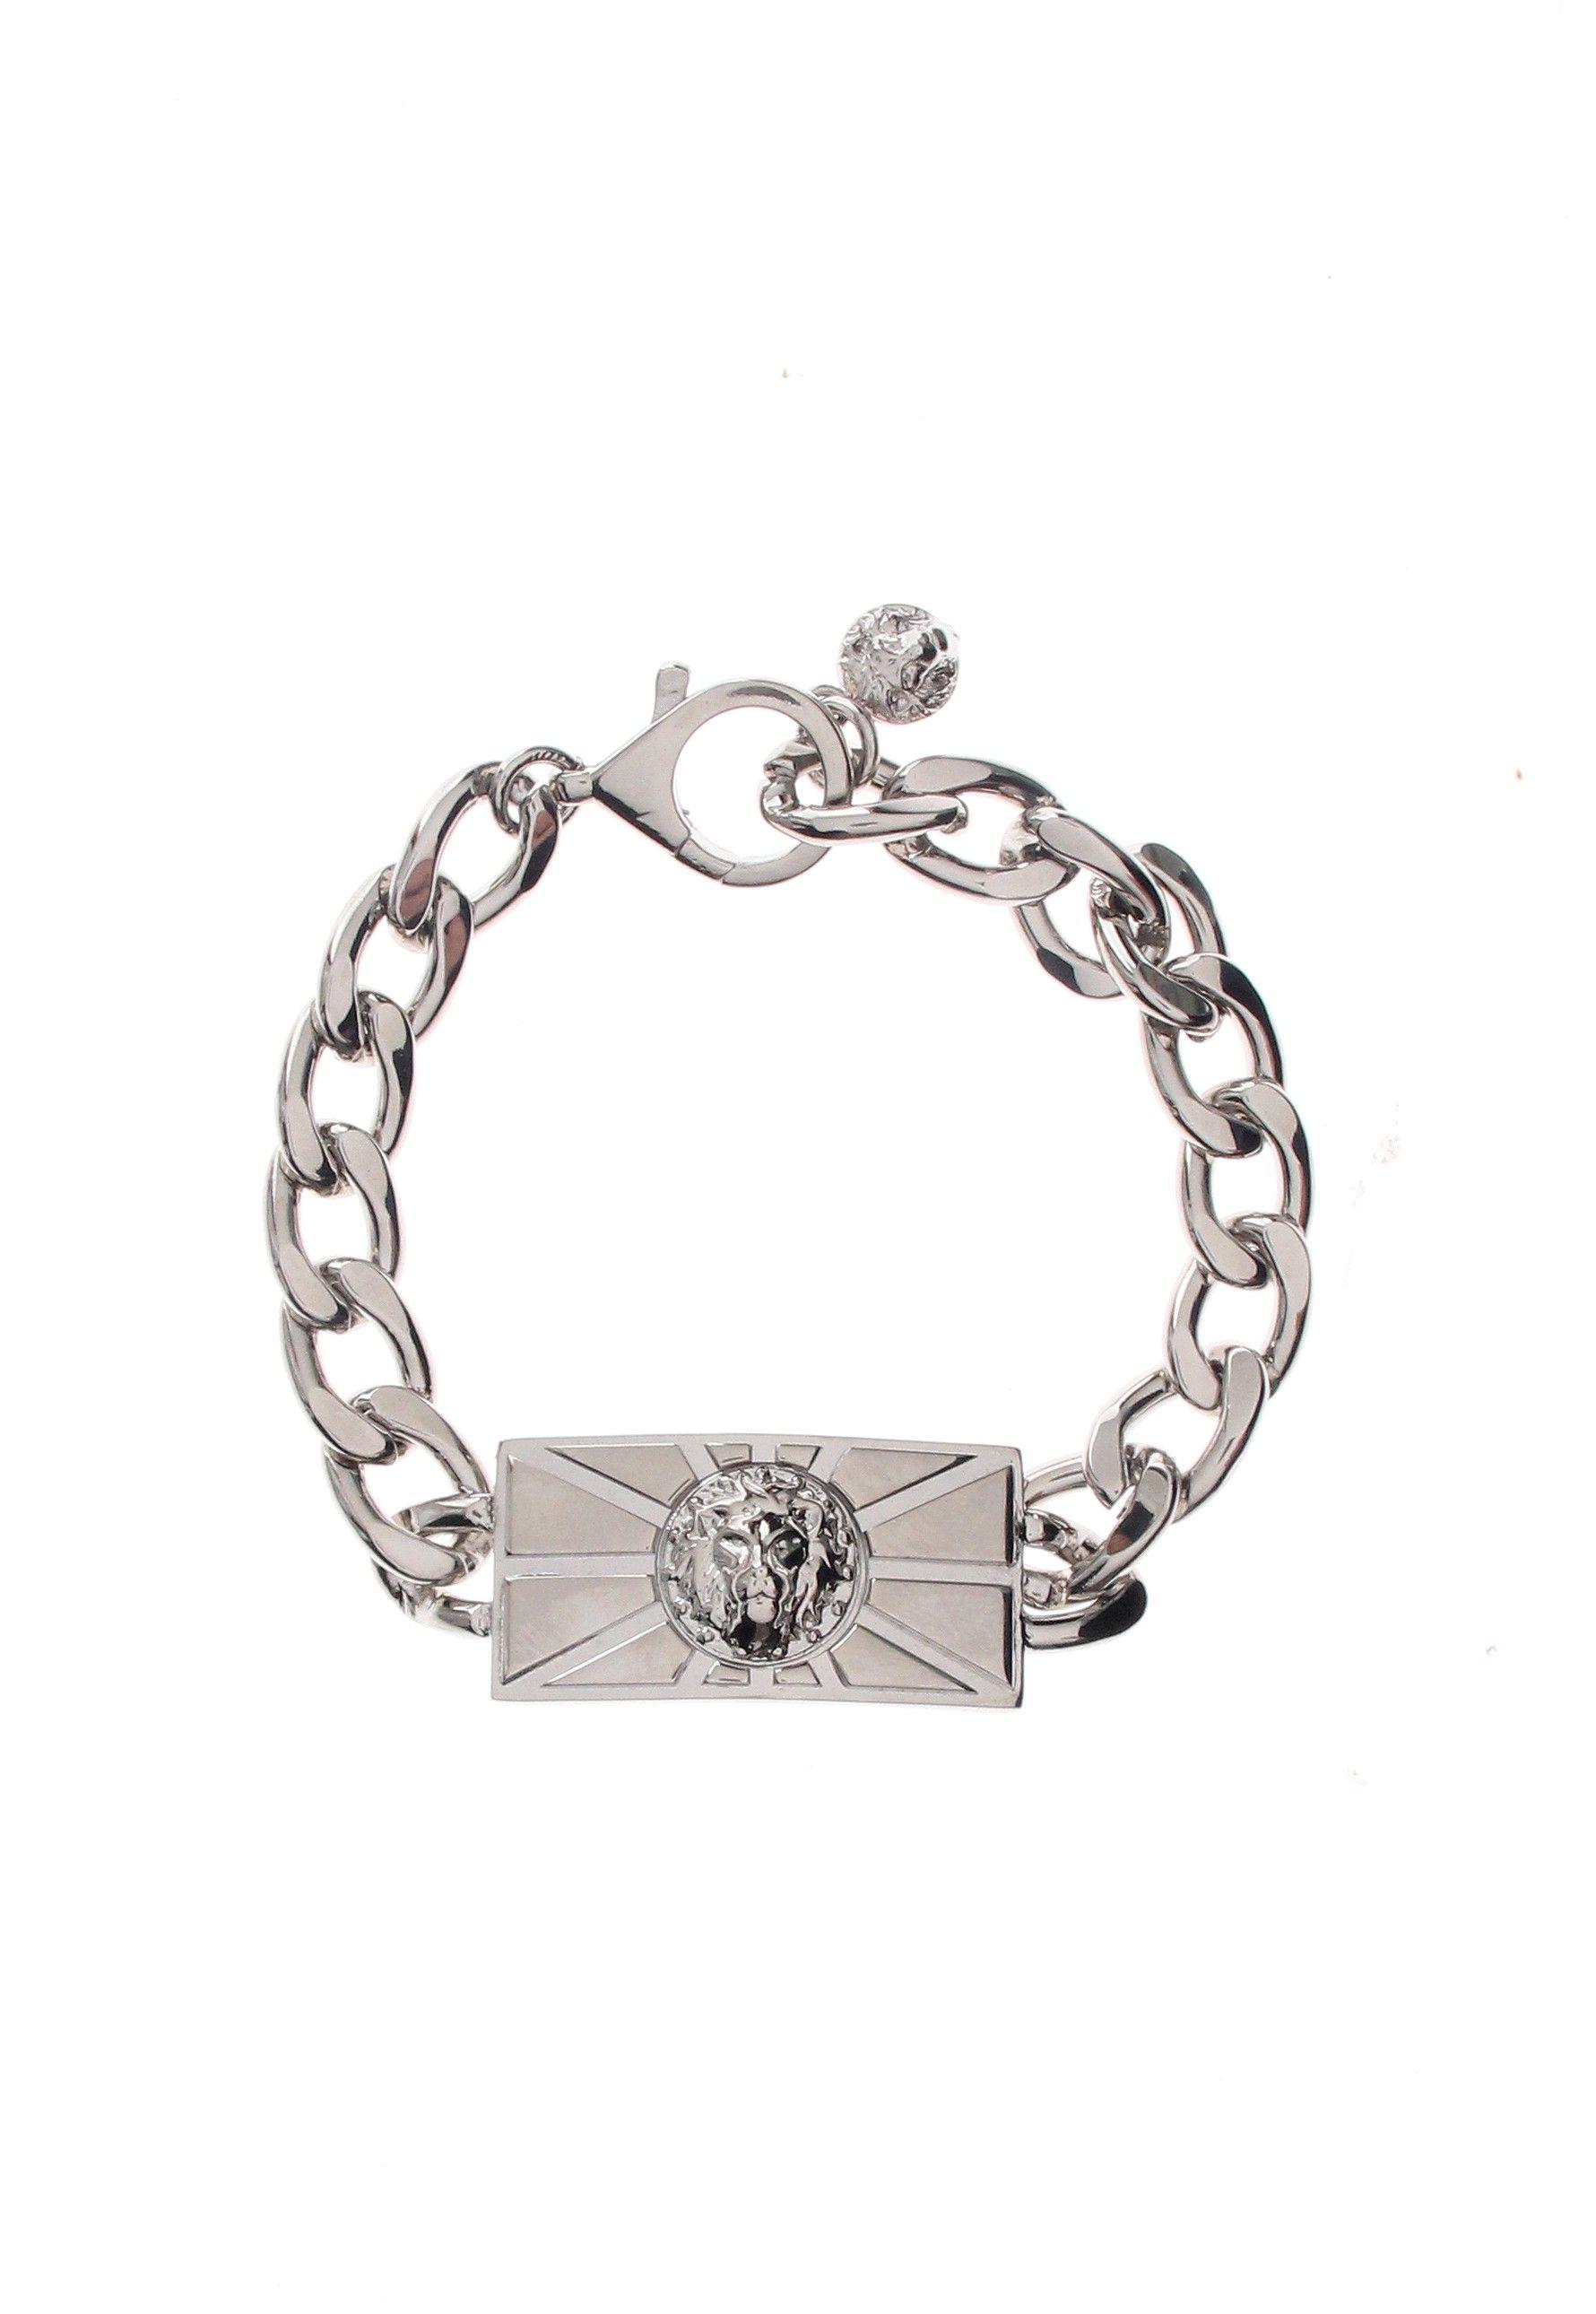 Versus versace lion head sun bracelet in silver sun rays project